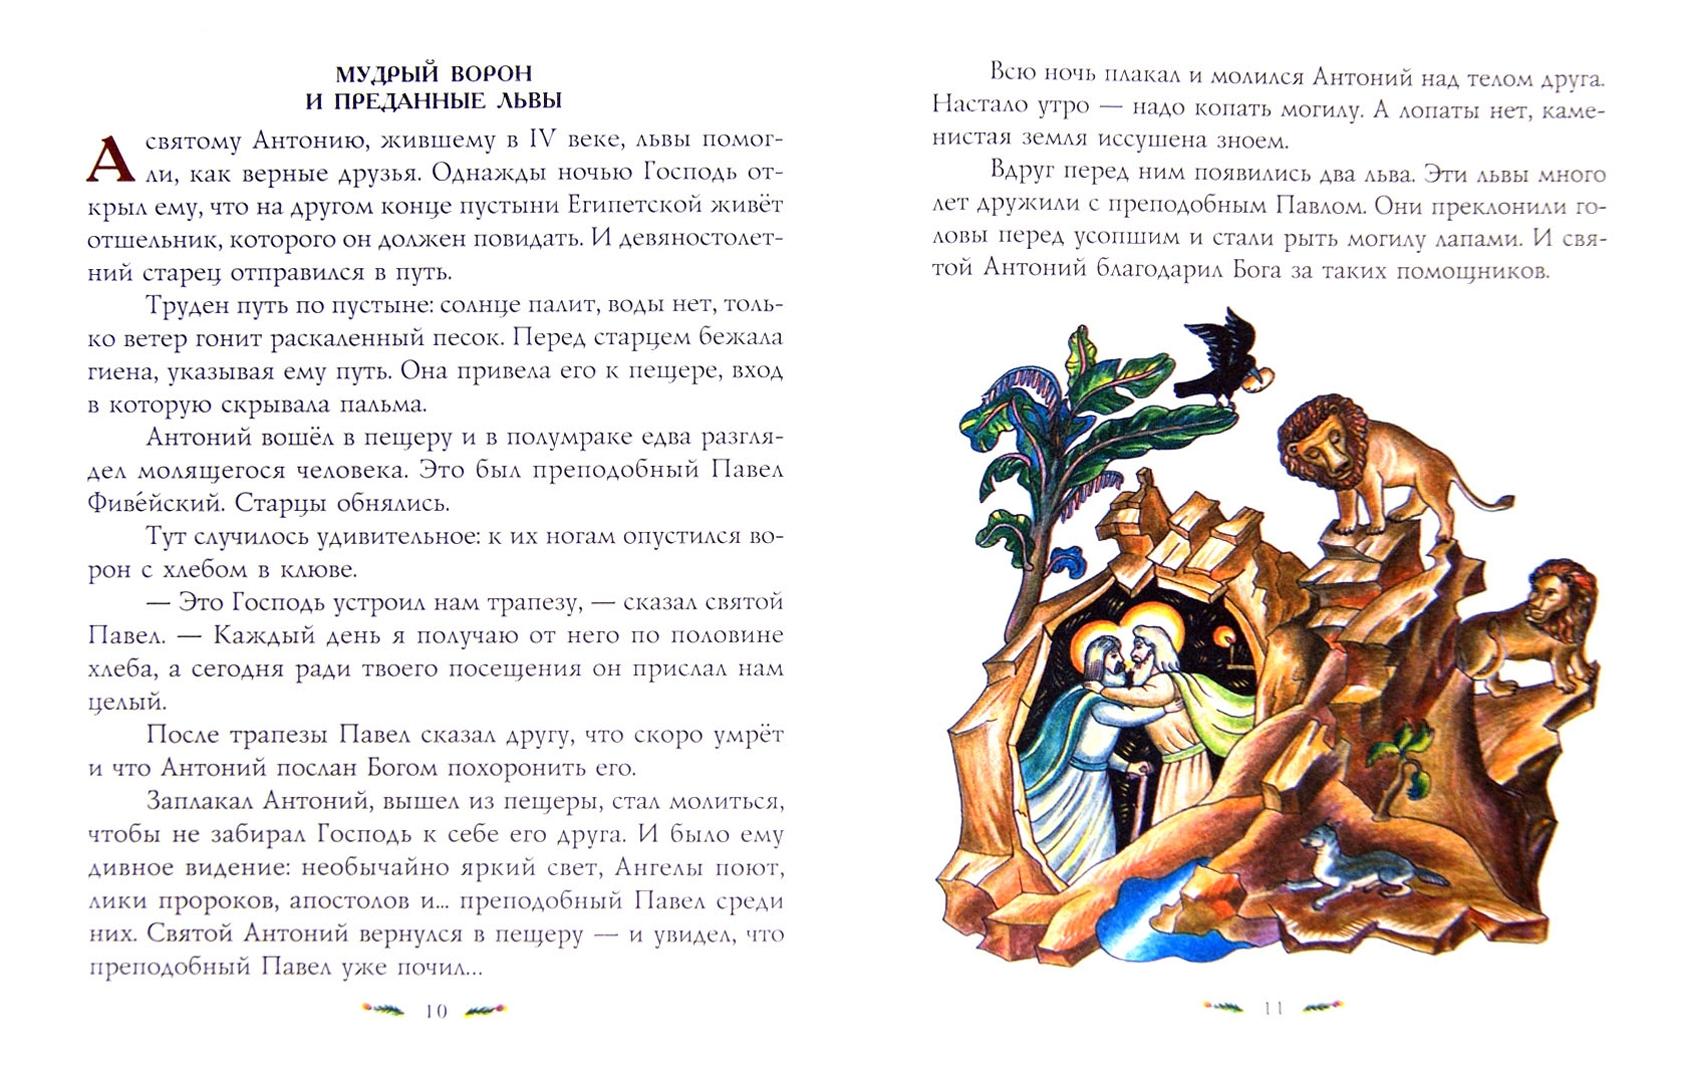 Иллюстрация 1 из 28 для Чудесная дружба. Рассказы о необыкновенной дружбе святых людей и диких зверей. Рассказы для детей - Т. Киселева | Лабиринт - книги. Источник: Лабиринт